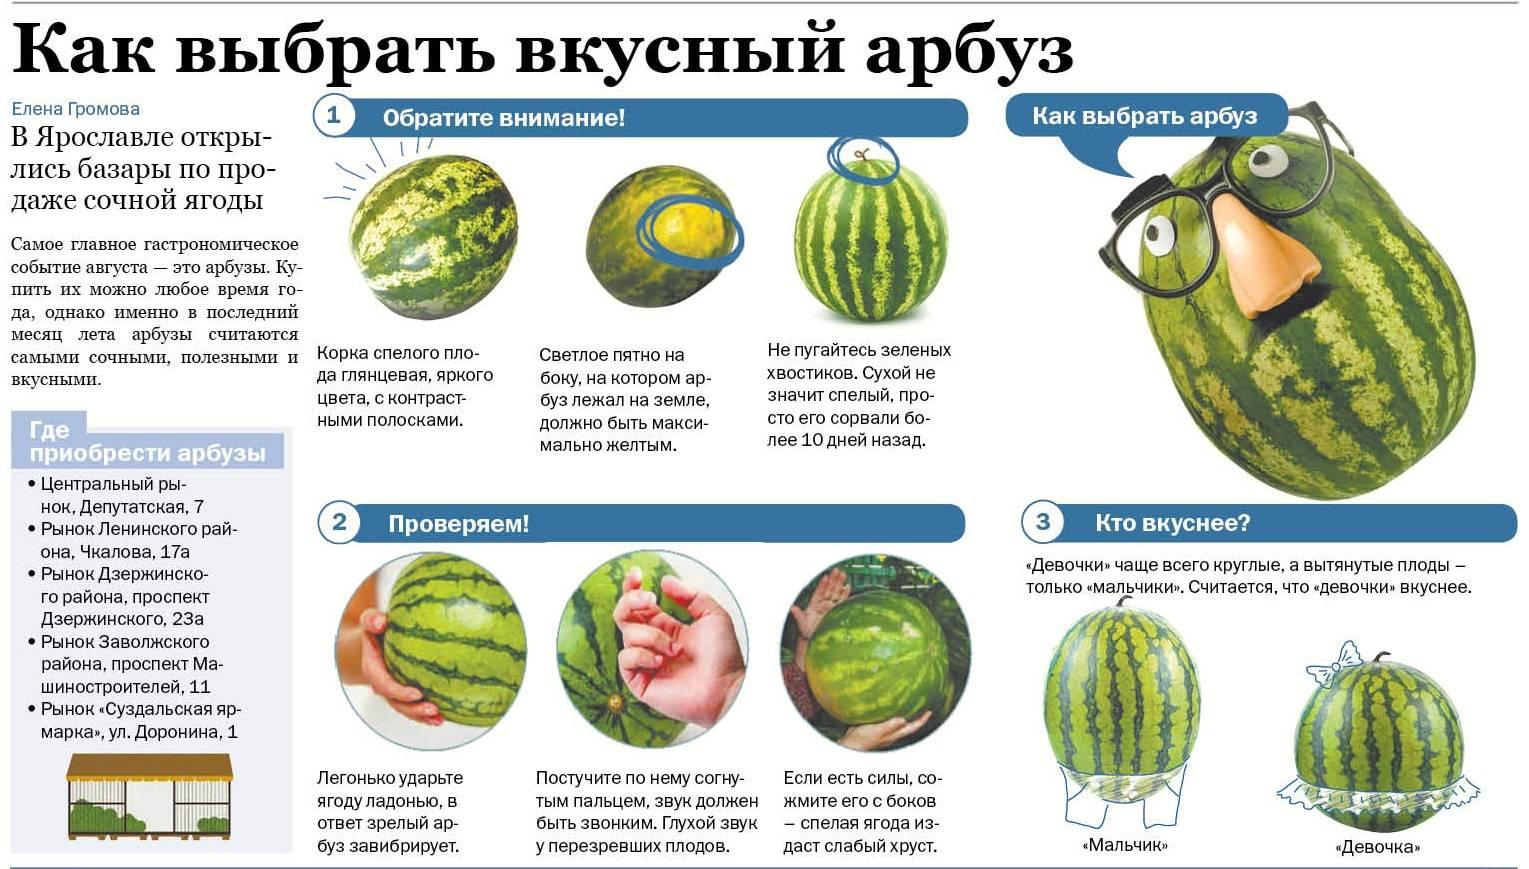 Как выбрать спелый и сладкий арбуз: признаки, приметы, рекомендации